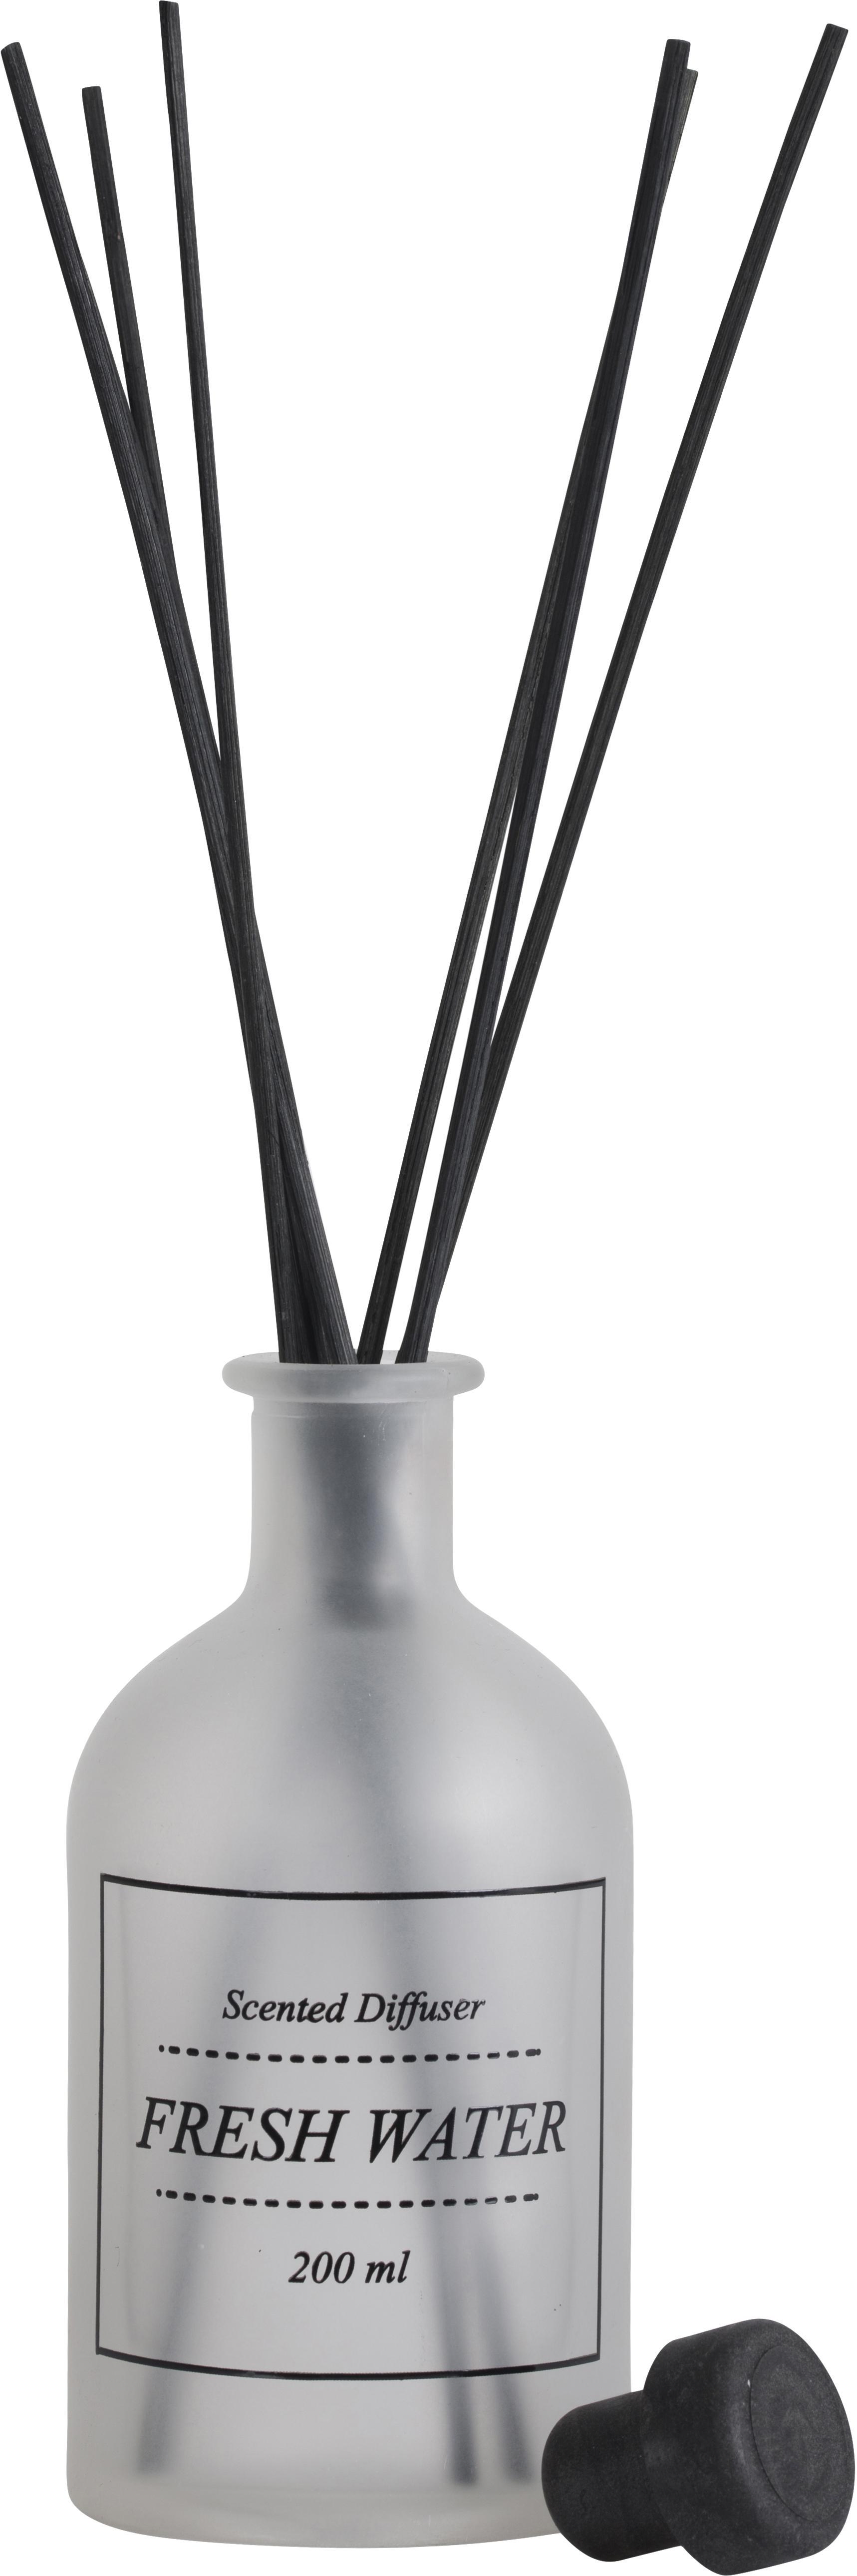 Diffuser Fresh Water (frisse zeelucht), Glas, rotan, Transparant, zwart, Ø 7 x H 29 cm